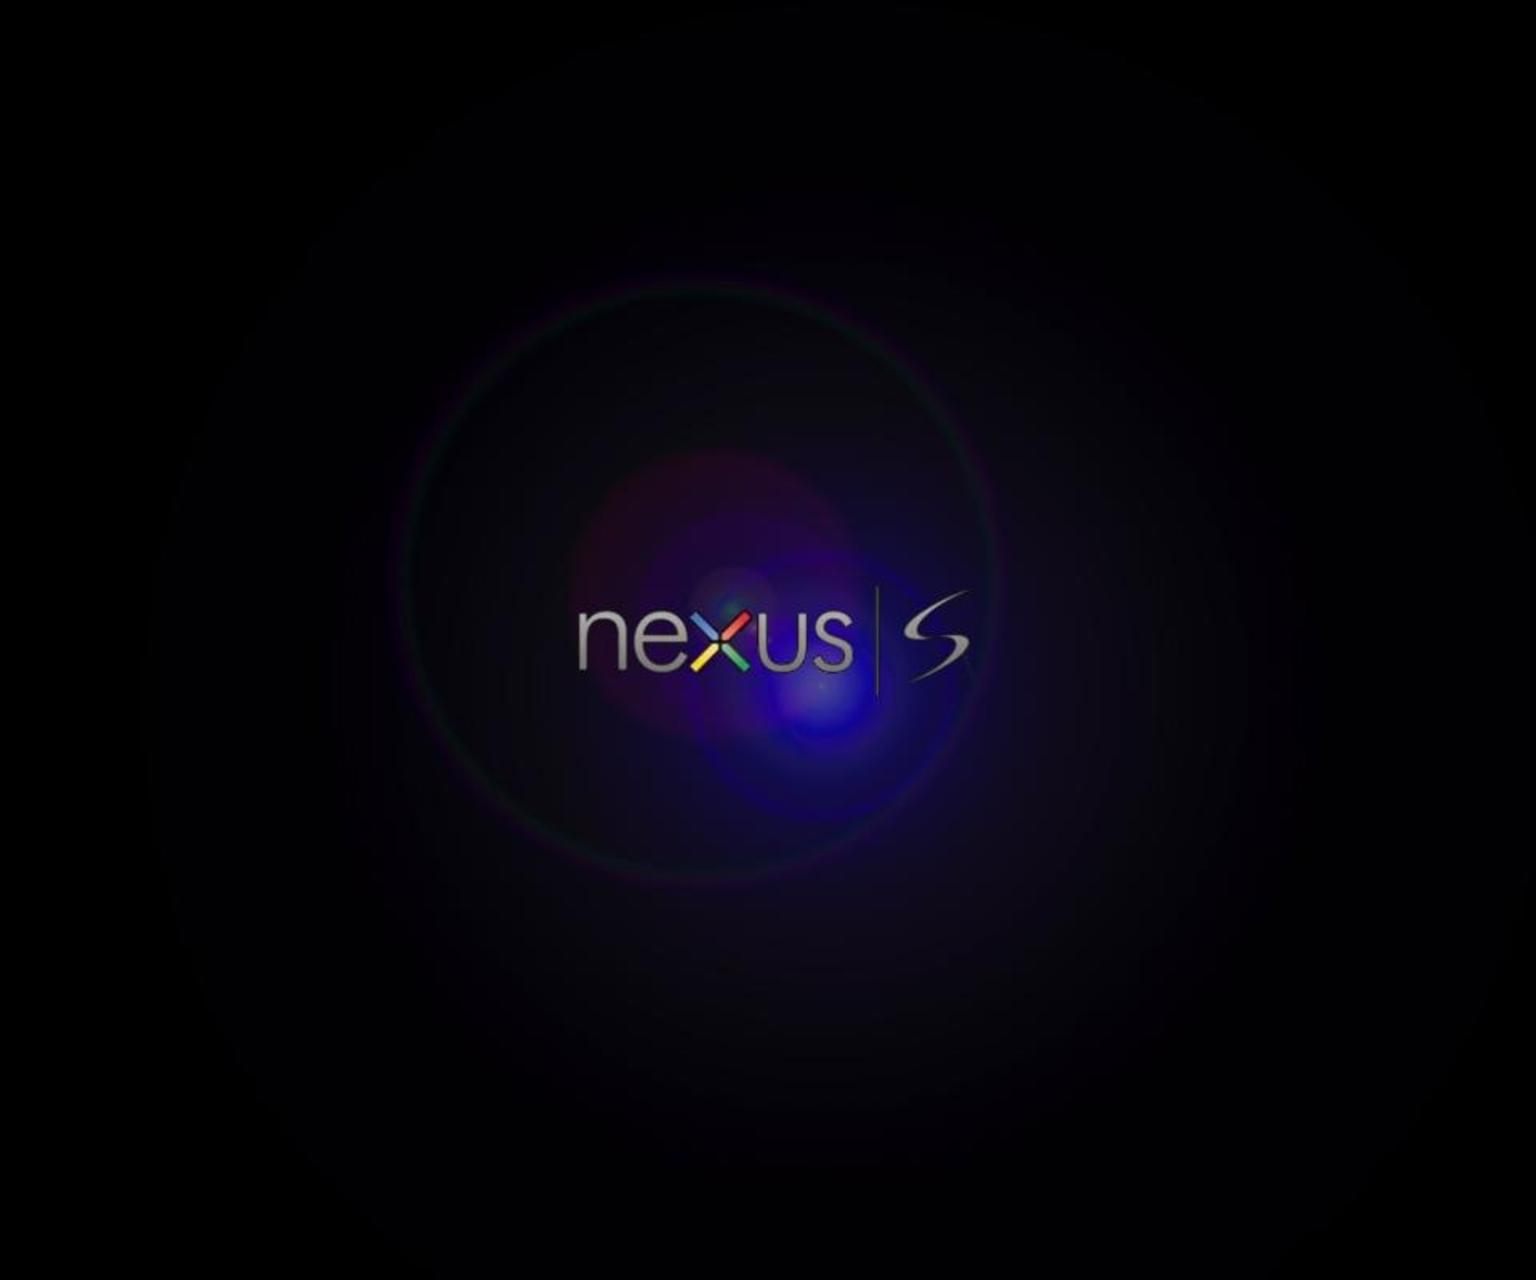 17308 nexus desktop wallpaper 1536x1280